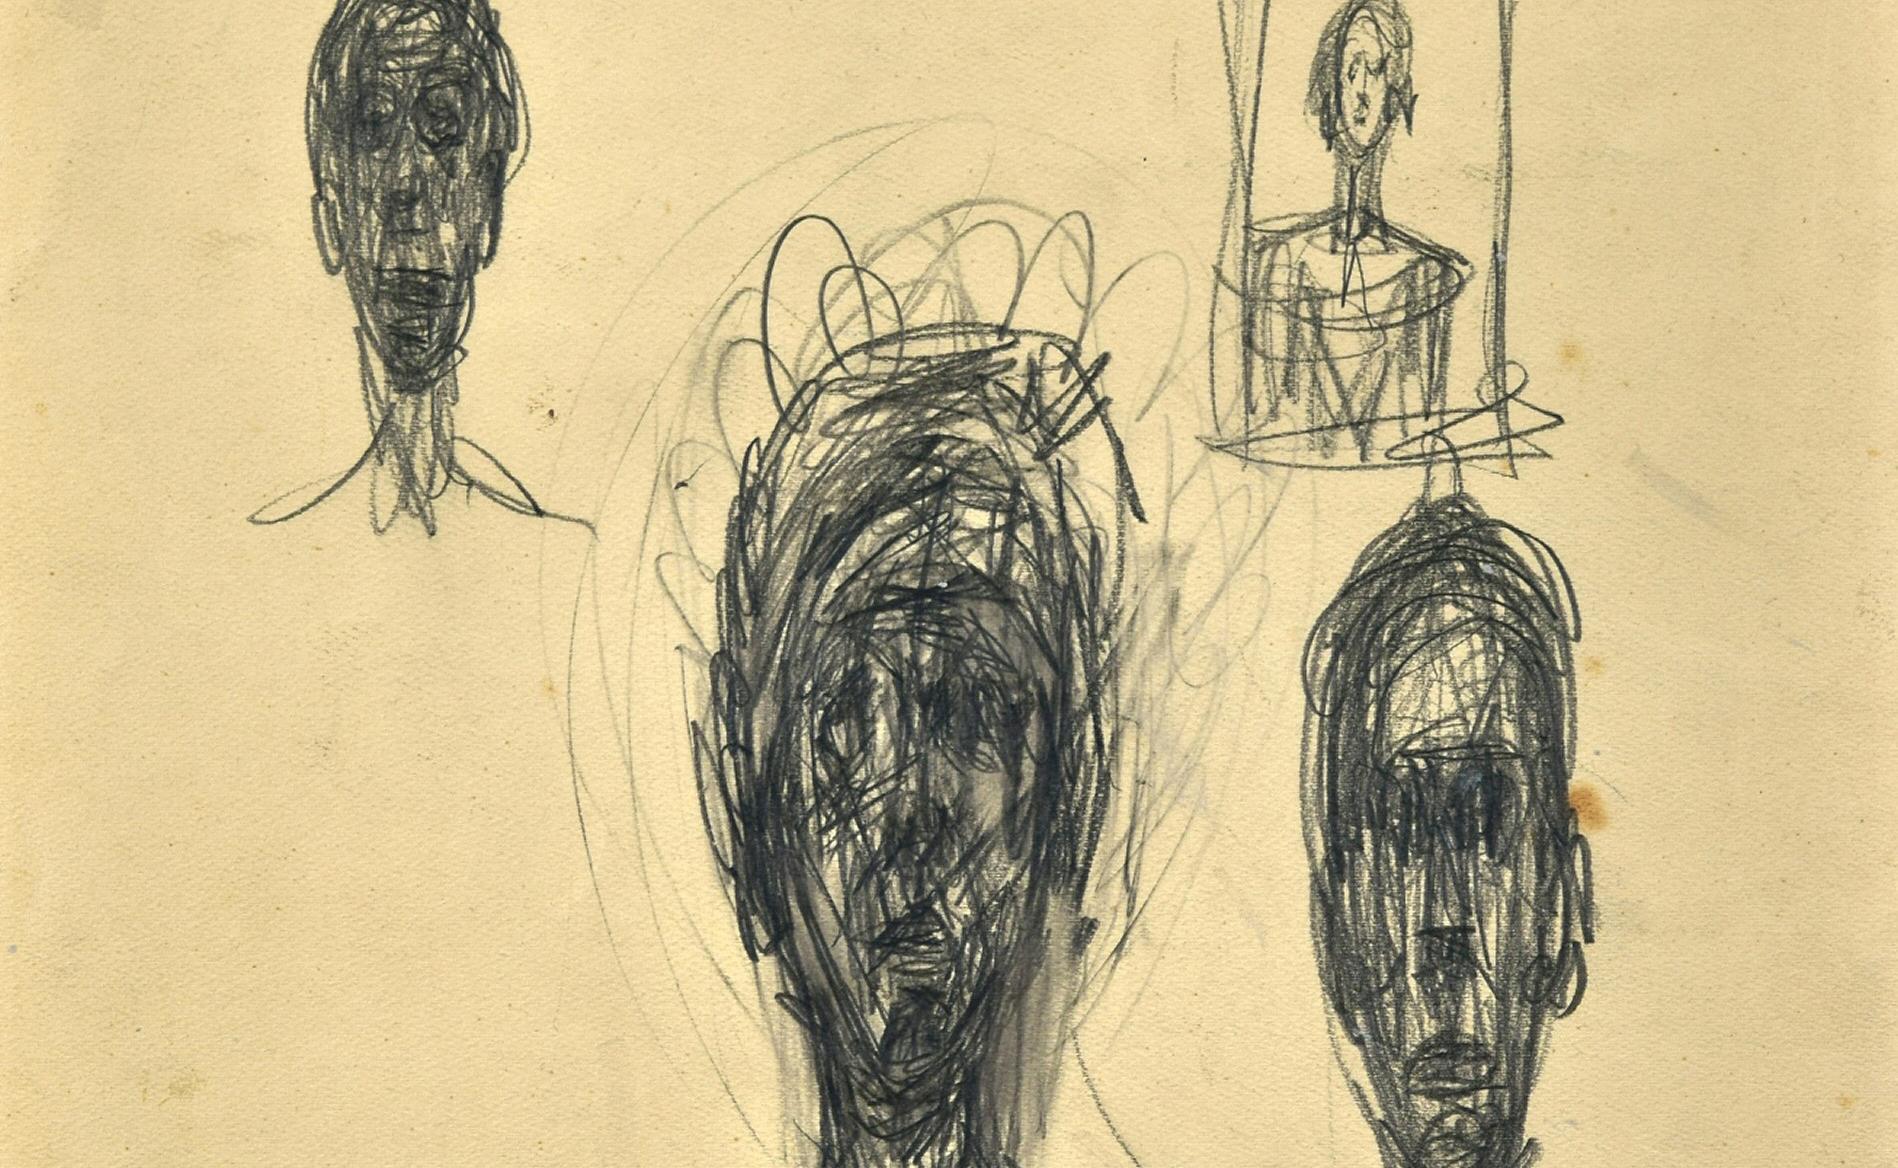 Hallados dibujos inéditos de Giacometti en una tienda de antigüedades de Londres